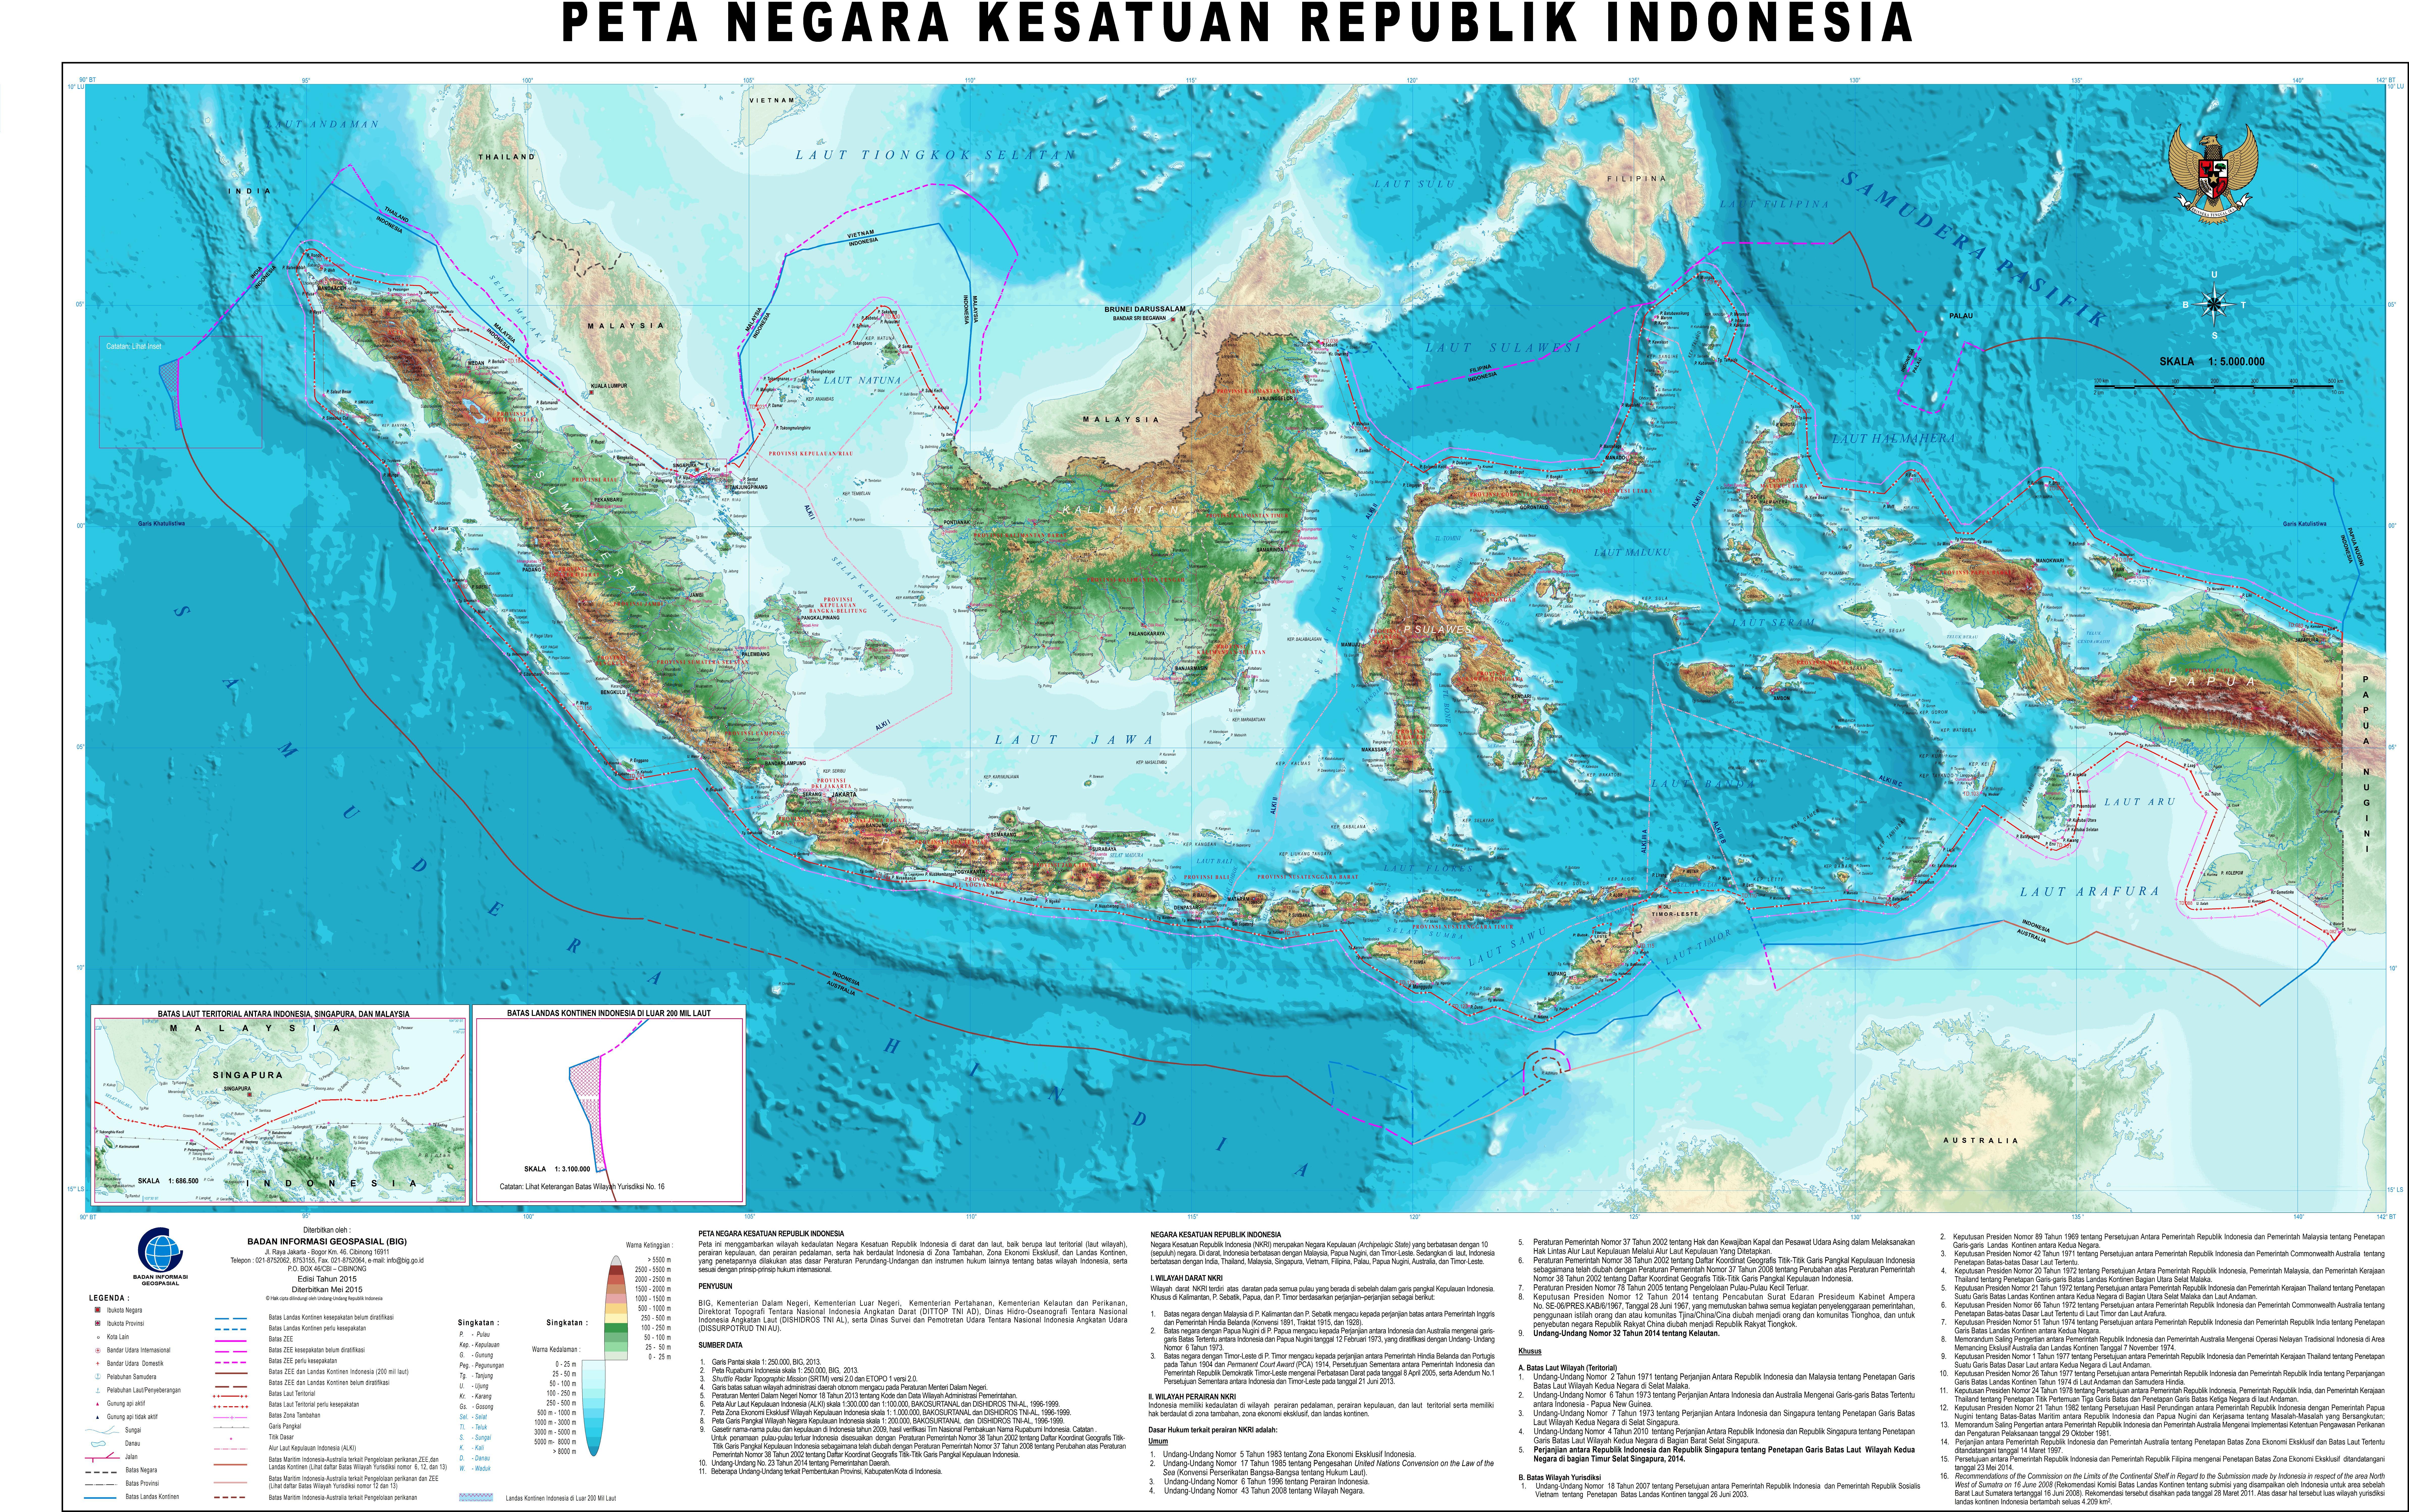 Big Bersama Menata Indonesia Lebih Baik Peta Nkri 2015 Skala